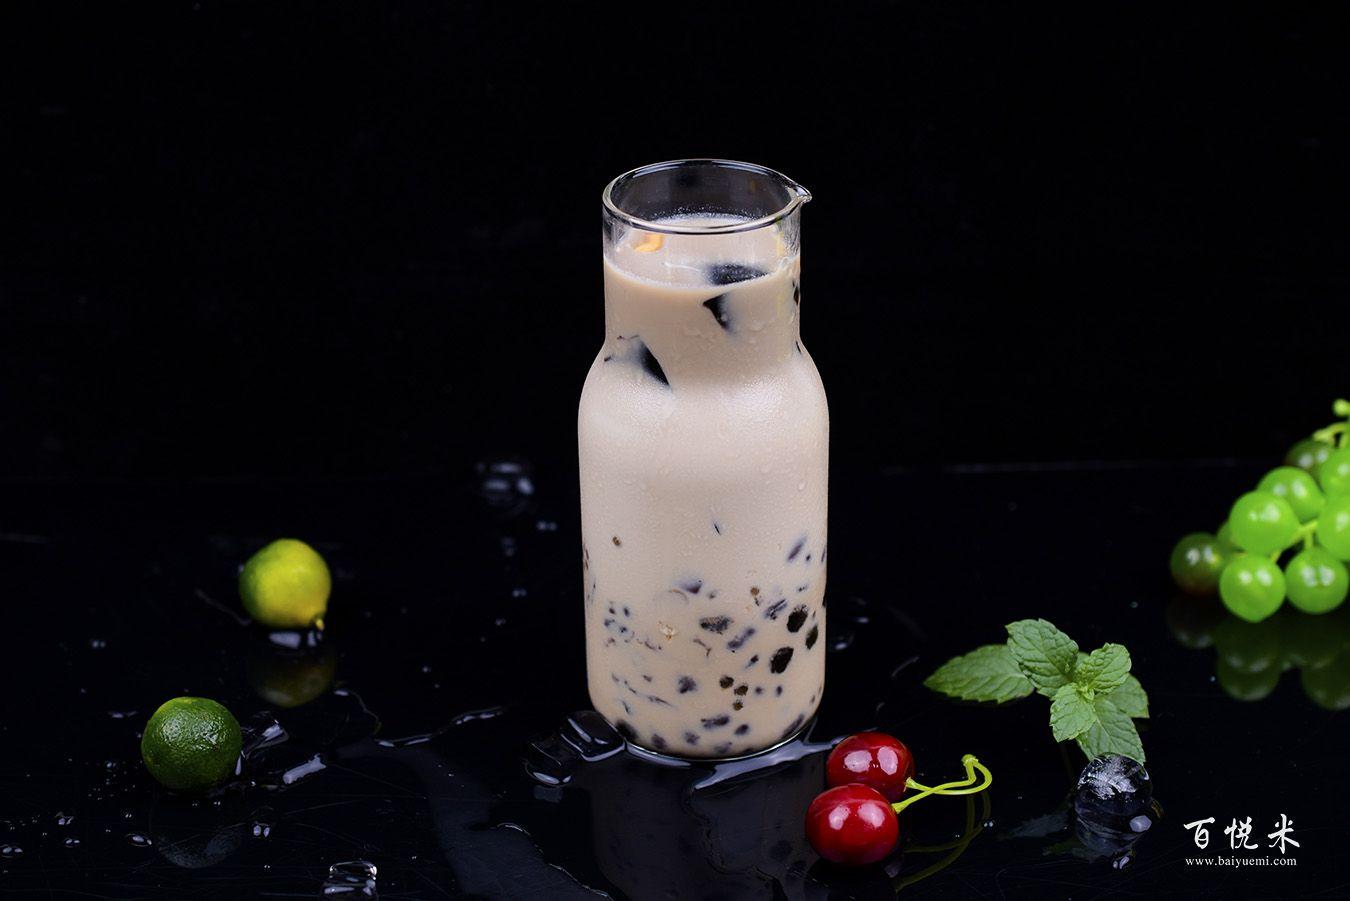 红豆奶茶烧仙草的做法视频大全_西点培训学习教程